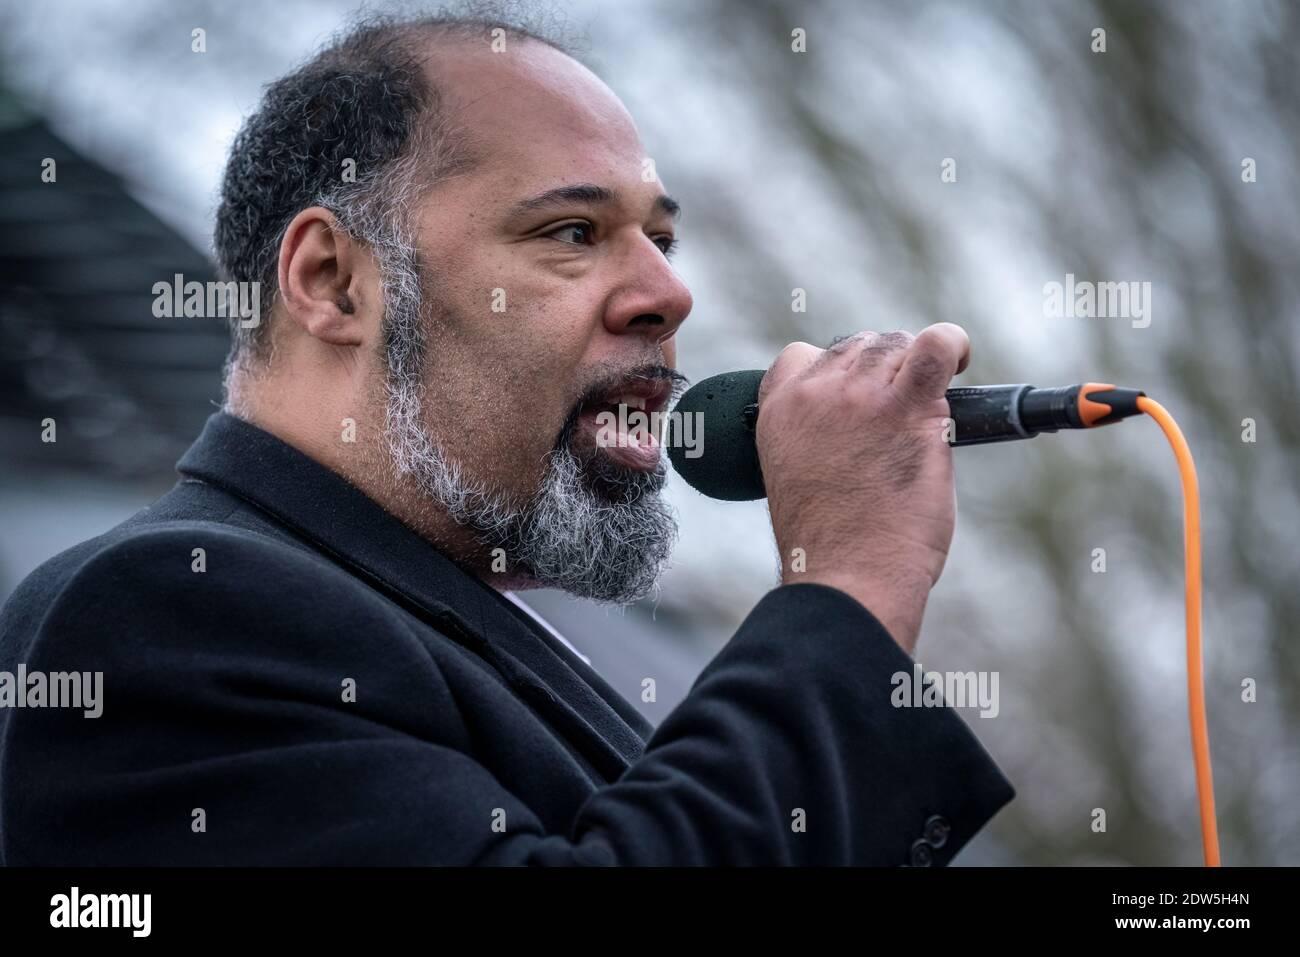 Coronavirus: David Kurten parle lors de la manifestation anti-verrouillage 'la fête de Noël de Sta sauve' à Speakerss' Corner, Hyde Park, Londres, Royaume-Uni. Banque D'Images